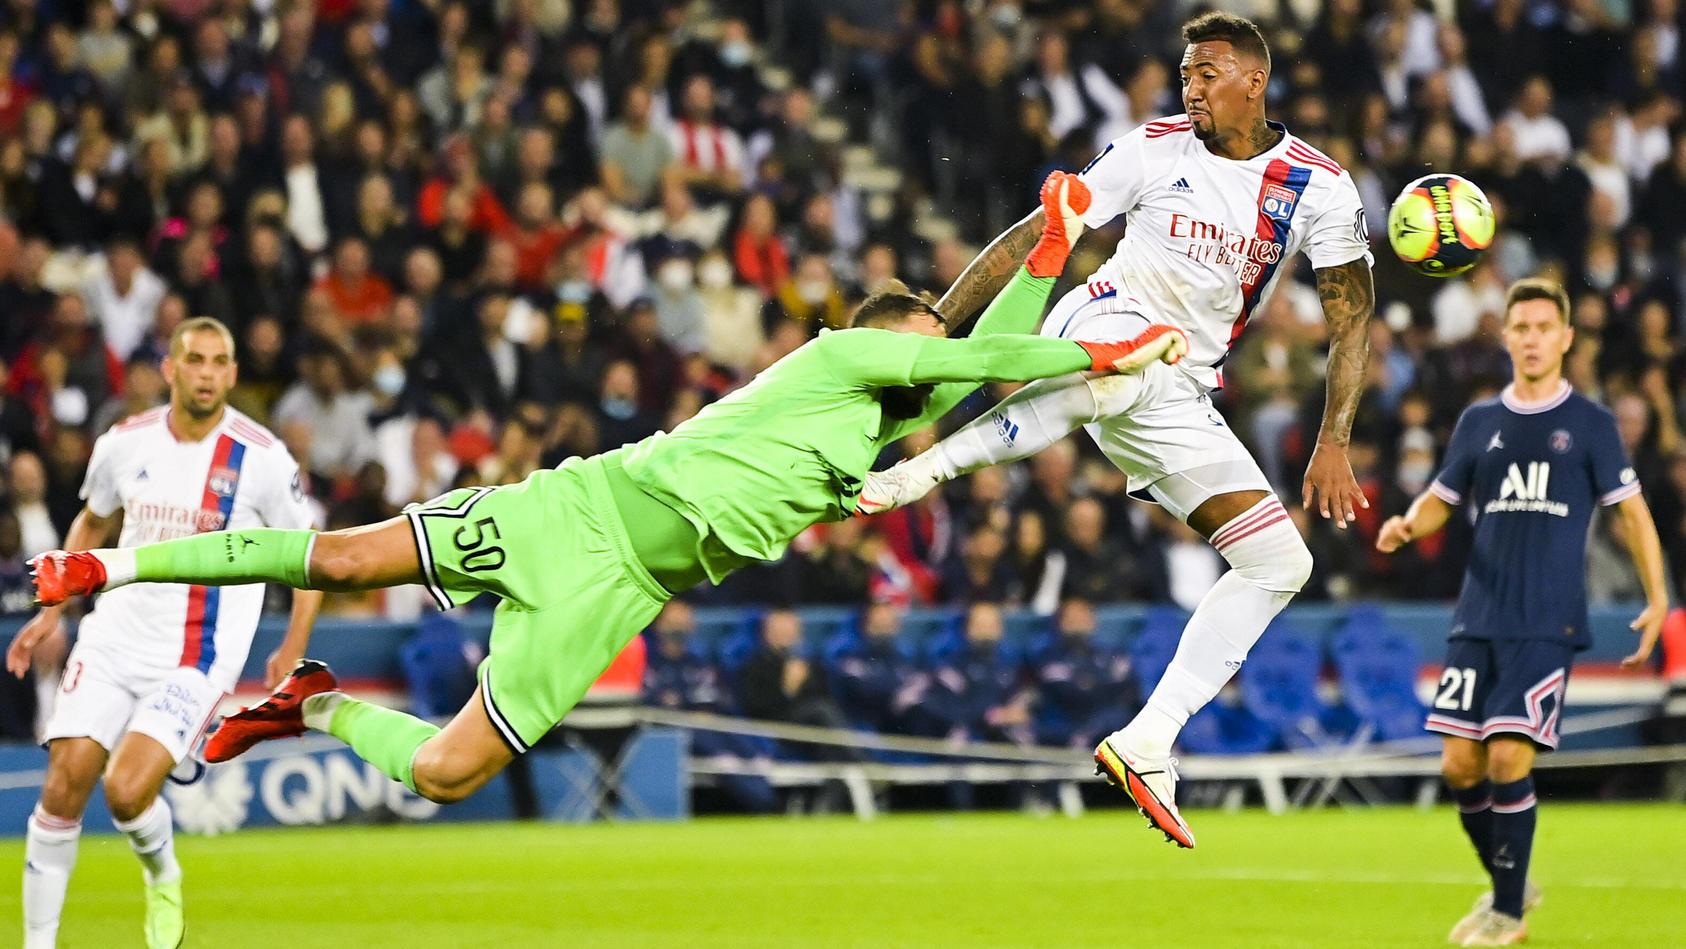 Jérôme Boateng gibt alles, um an den Ball zu kommen. Kommt er aber nicht